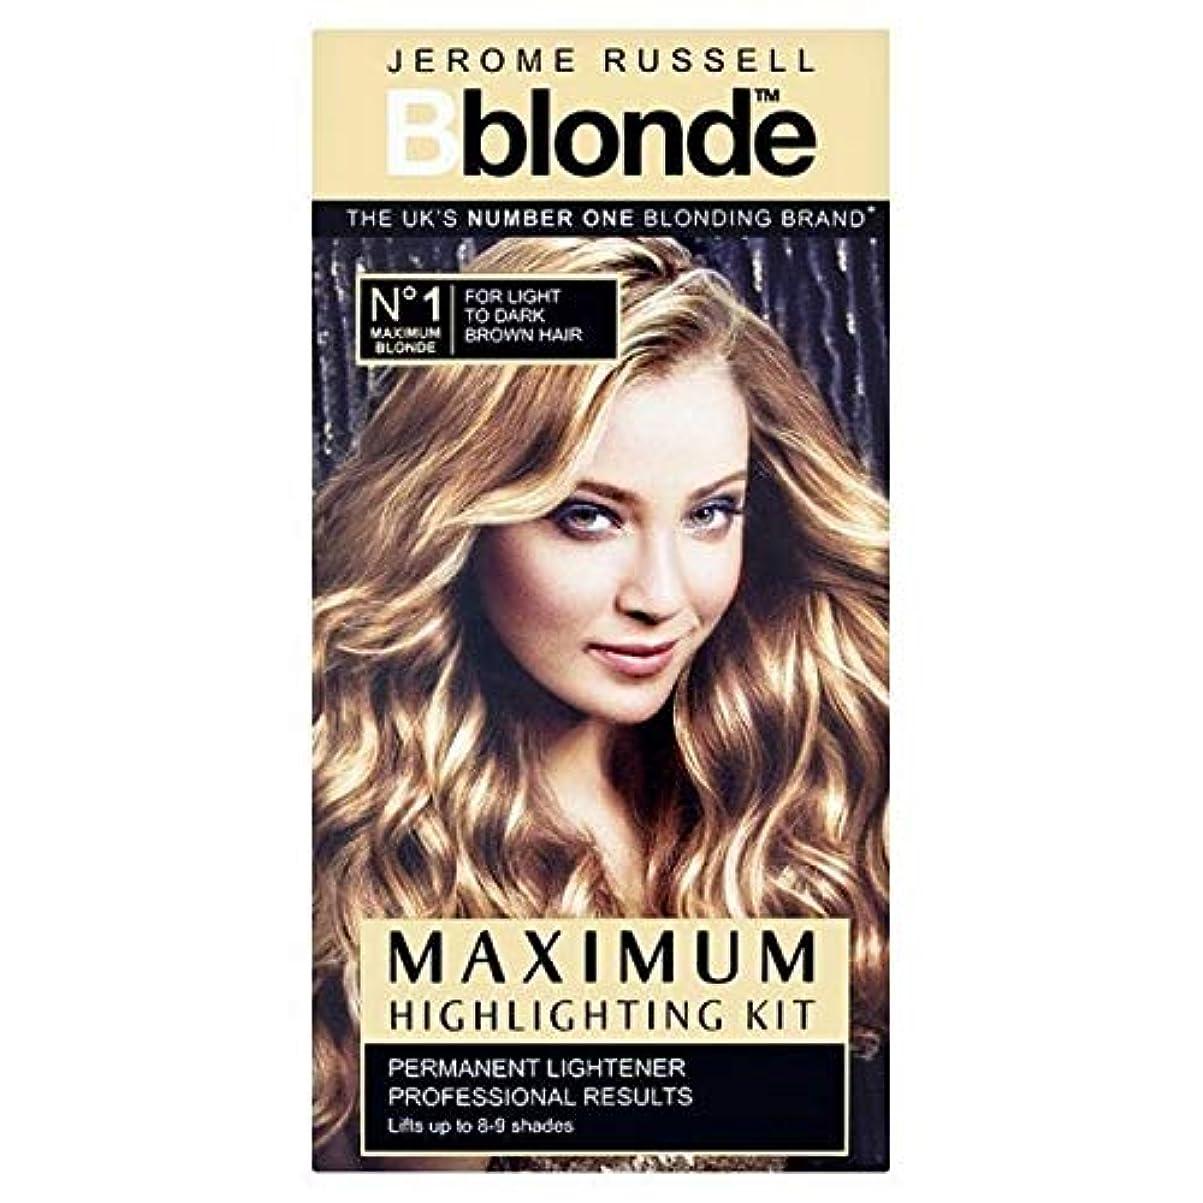 電子邪悪な聖歌[B Blonde] ジェロームラッセルBblonde強調するキットライトナー - Jerome Russell Bblonde Highlighting Kit Lightner [並行輸入品]